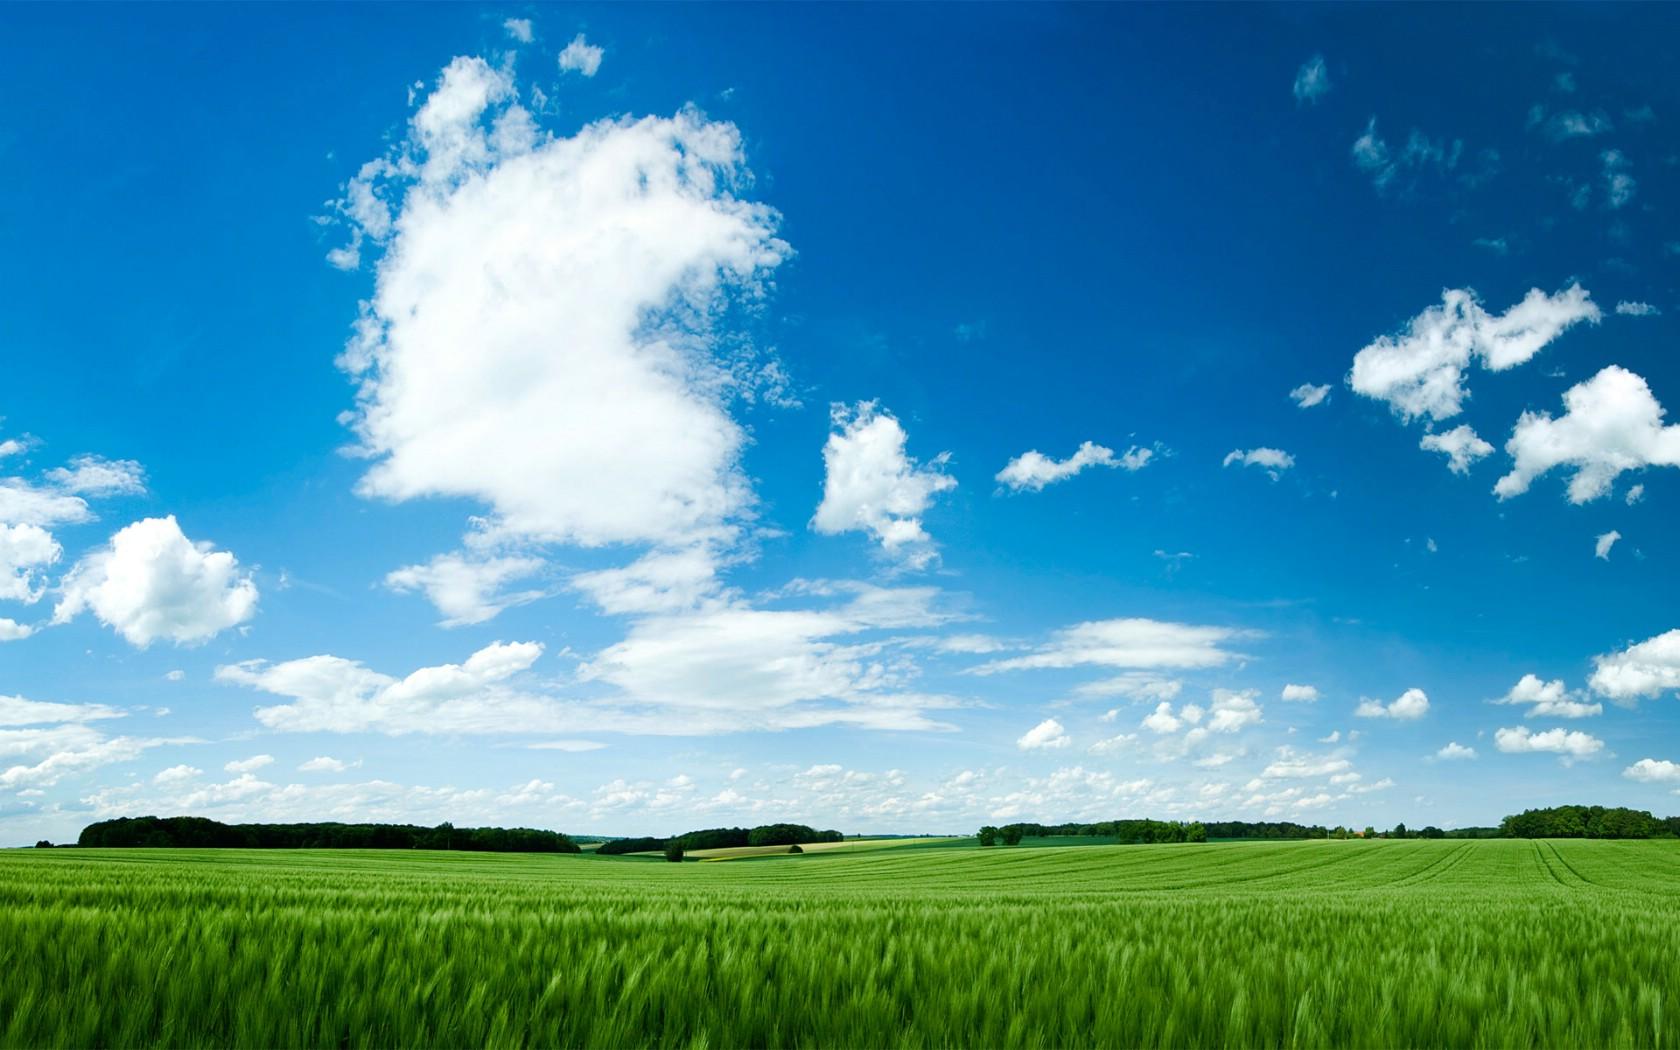 风景 蓝天白云麦田图片壁纸壁纸,新西兰郊外风景壁纸壁纸图片